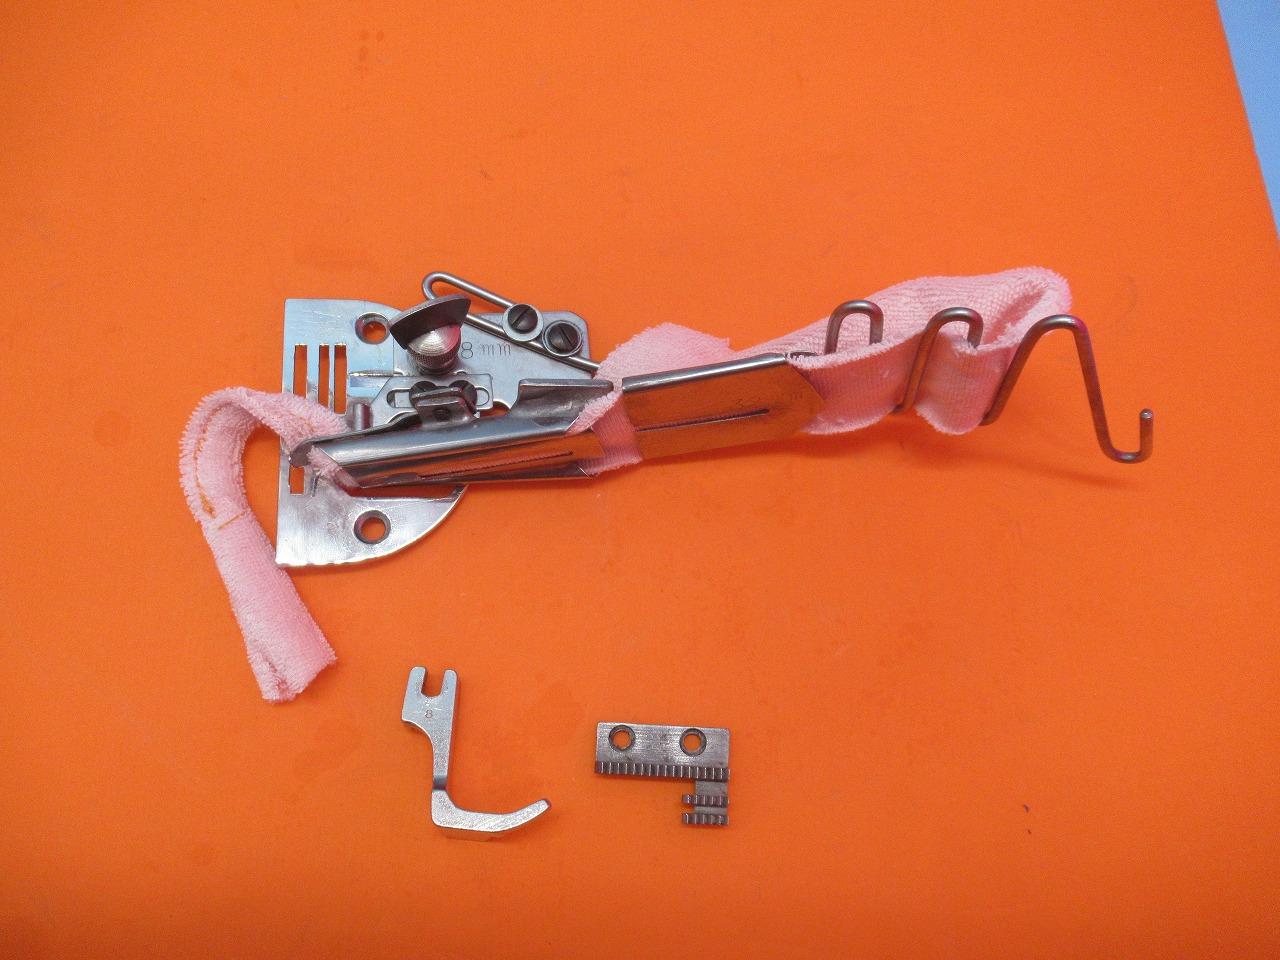 テープの厚みは0.5mm程度までお使いいただけます 針板 押さえ金 バインダー 送り歯の4点セットです 中古 日本製 ニット等 松屋製 希少 ブロード 仕上がり幅約8.5mm程度多少仕上がり幅調節できます 未使用品 テープは テープ幅32mm 国産品